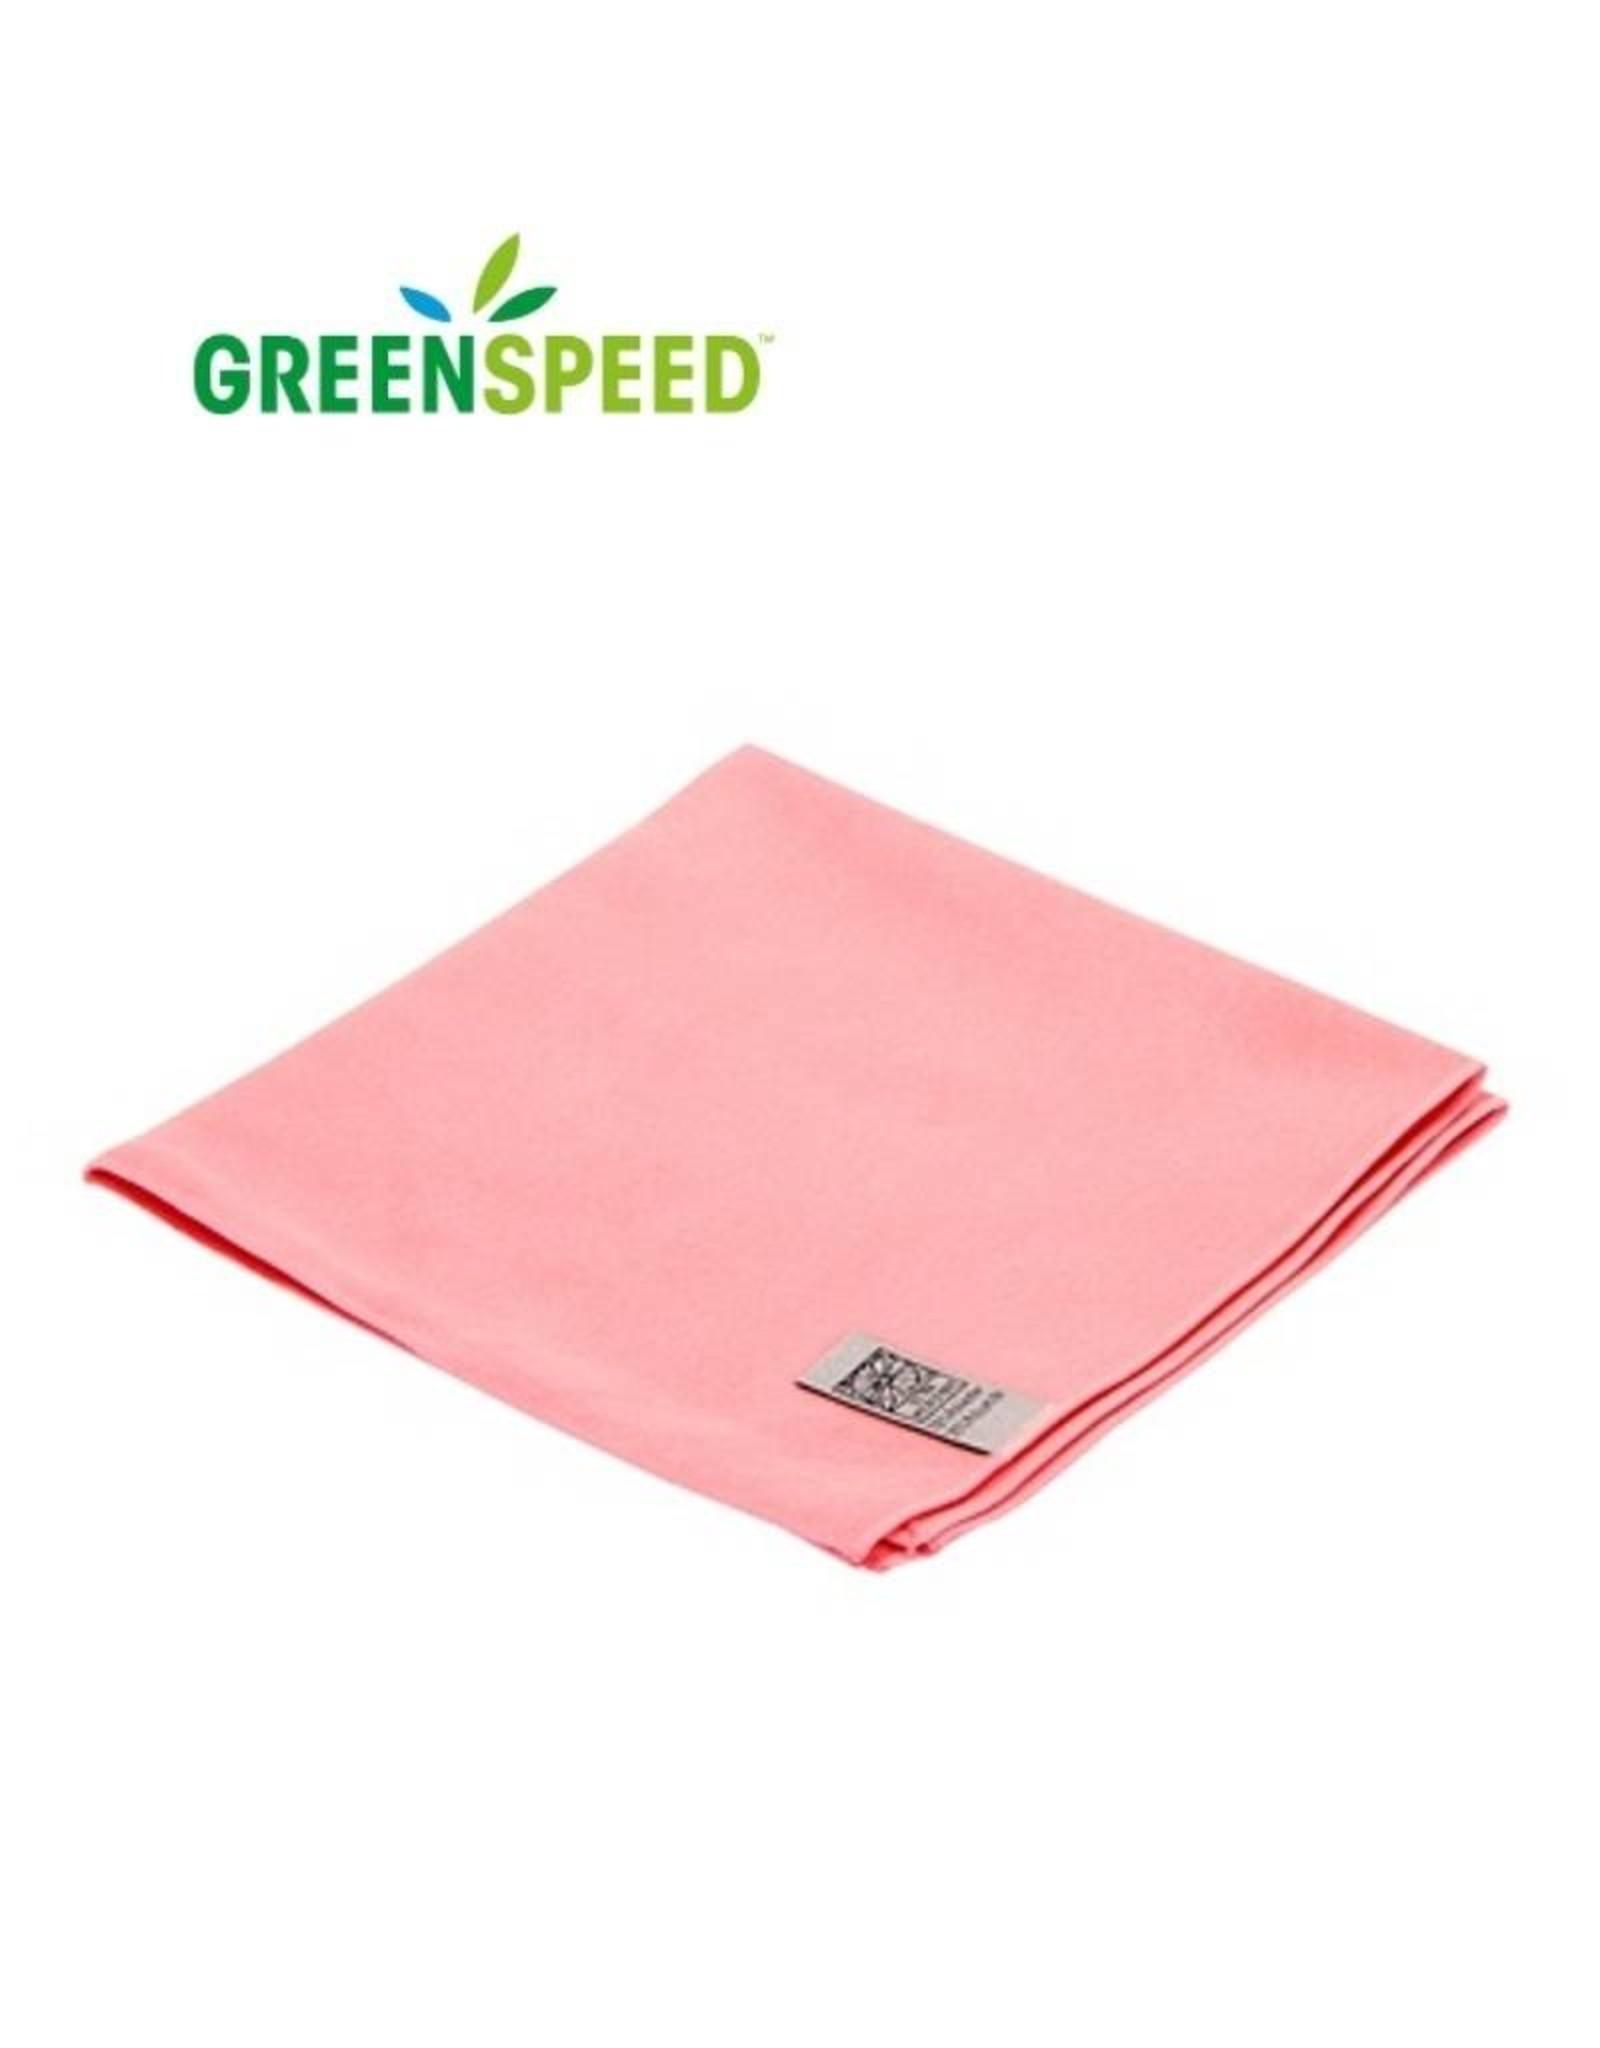 Greenspeed Topswipe microvezeldoek van Greenspeed